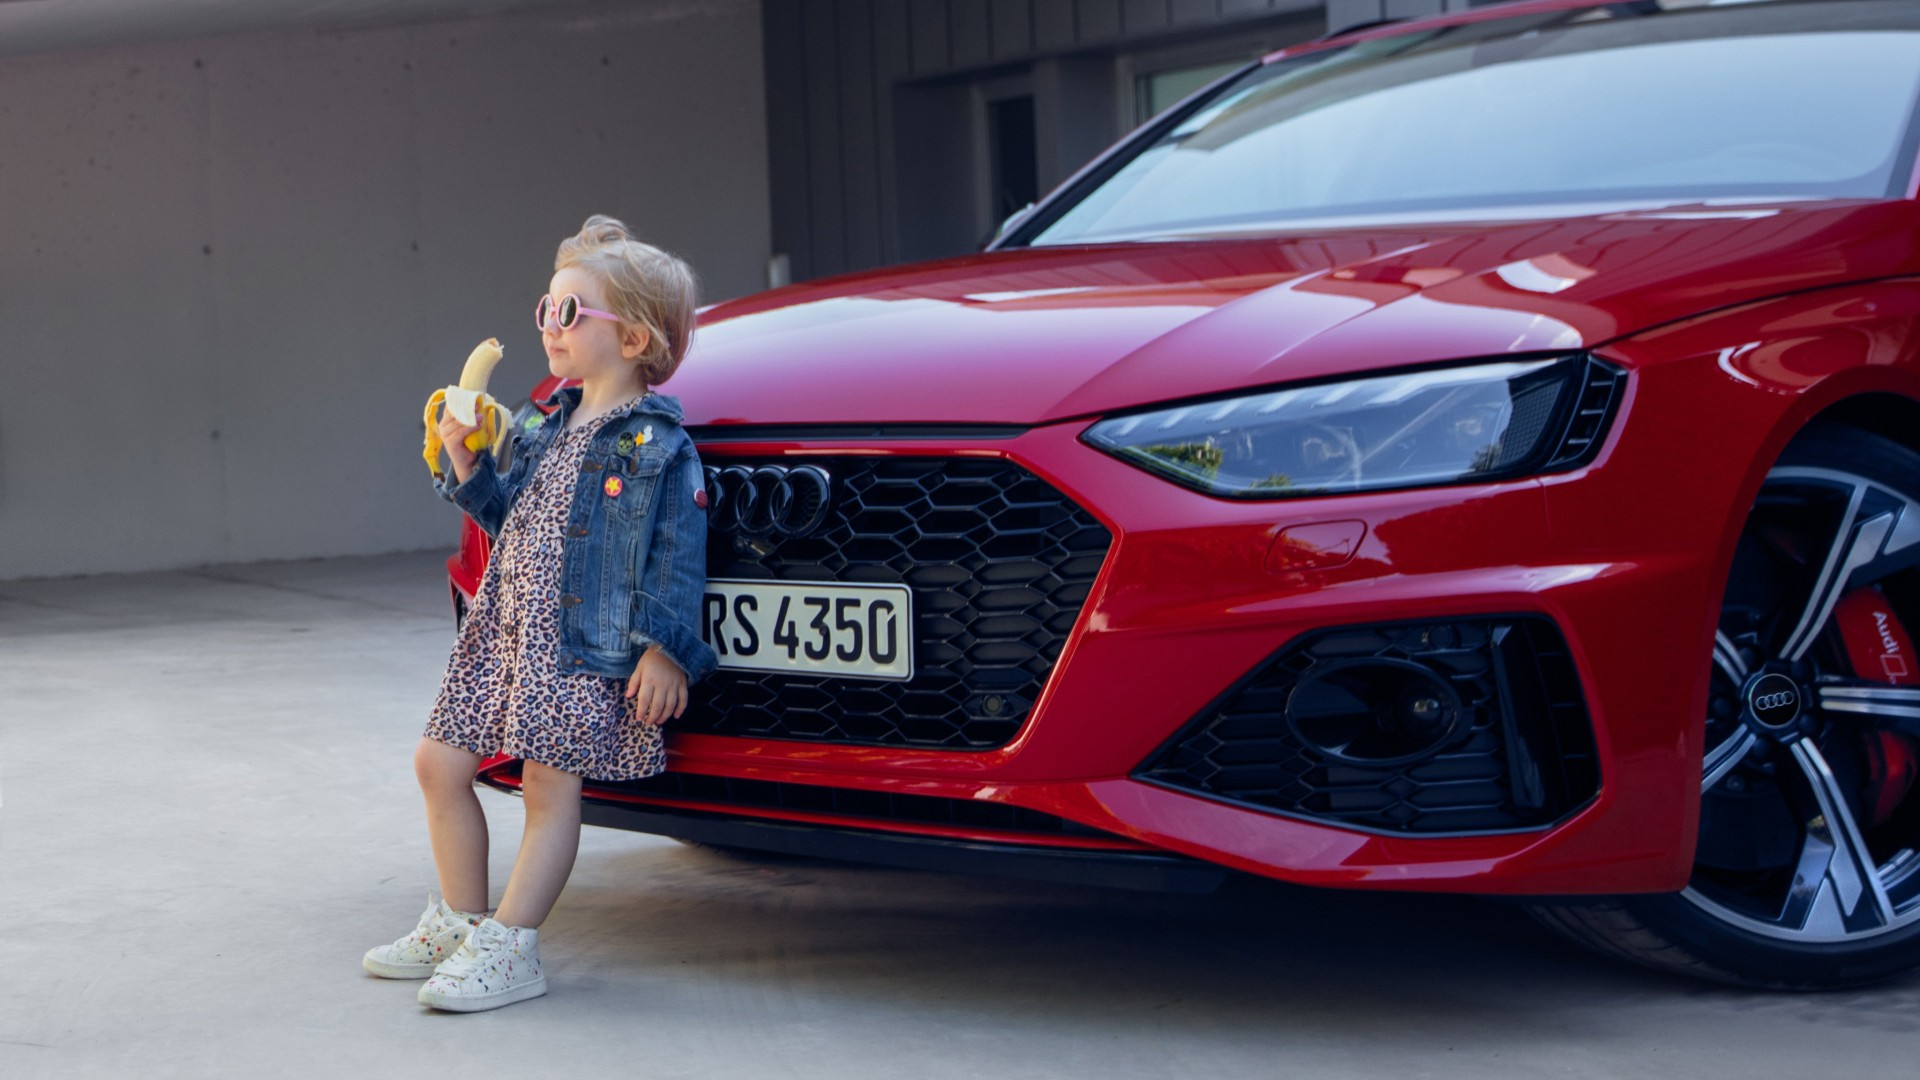 Η διαφήμιση του Audi RS 4 που ενόχλησε το κοινό